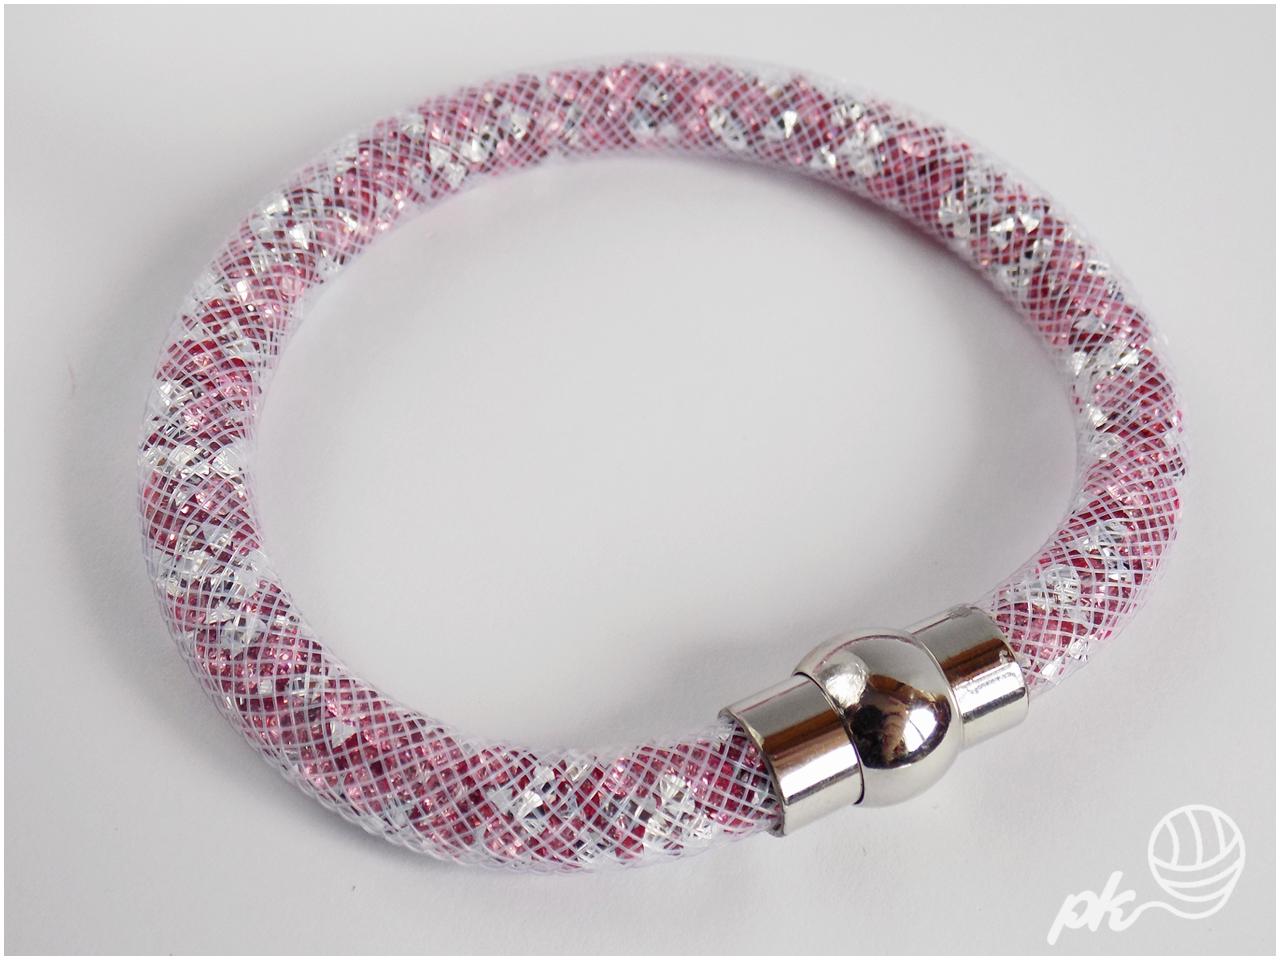 siatka jubilerska, bransoletka, biżuteria, handmade, rękodzieło